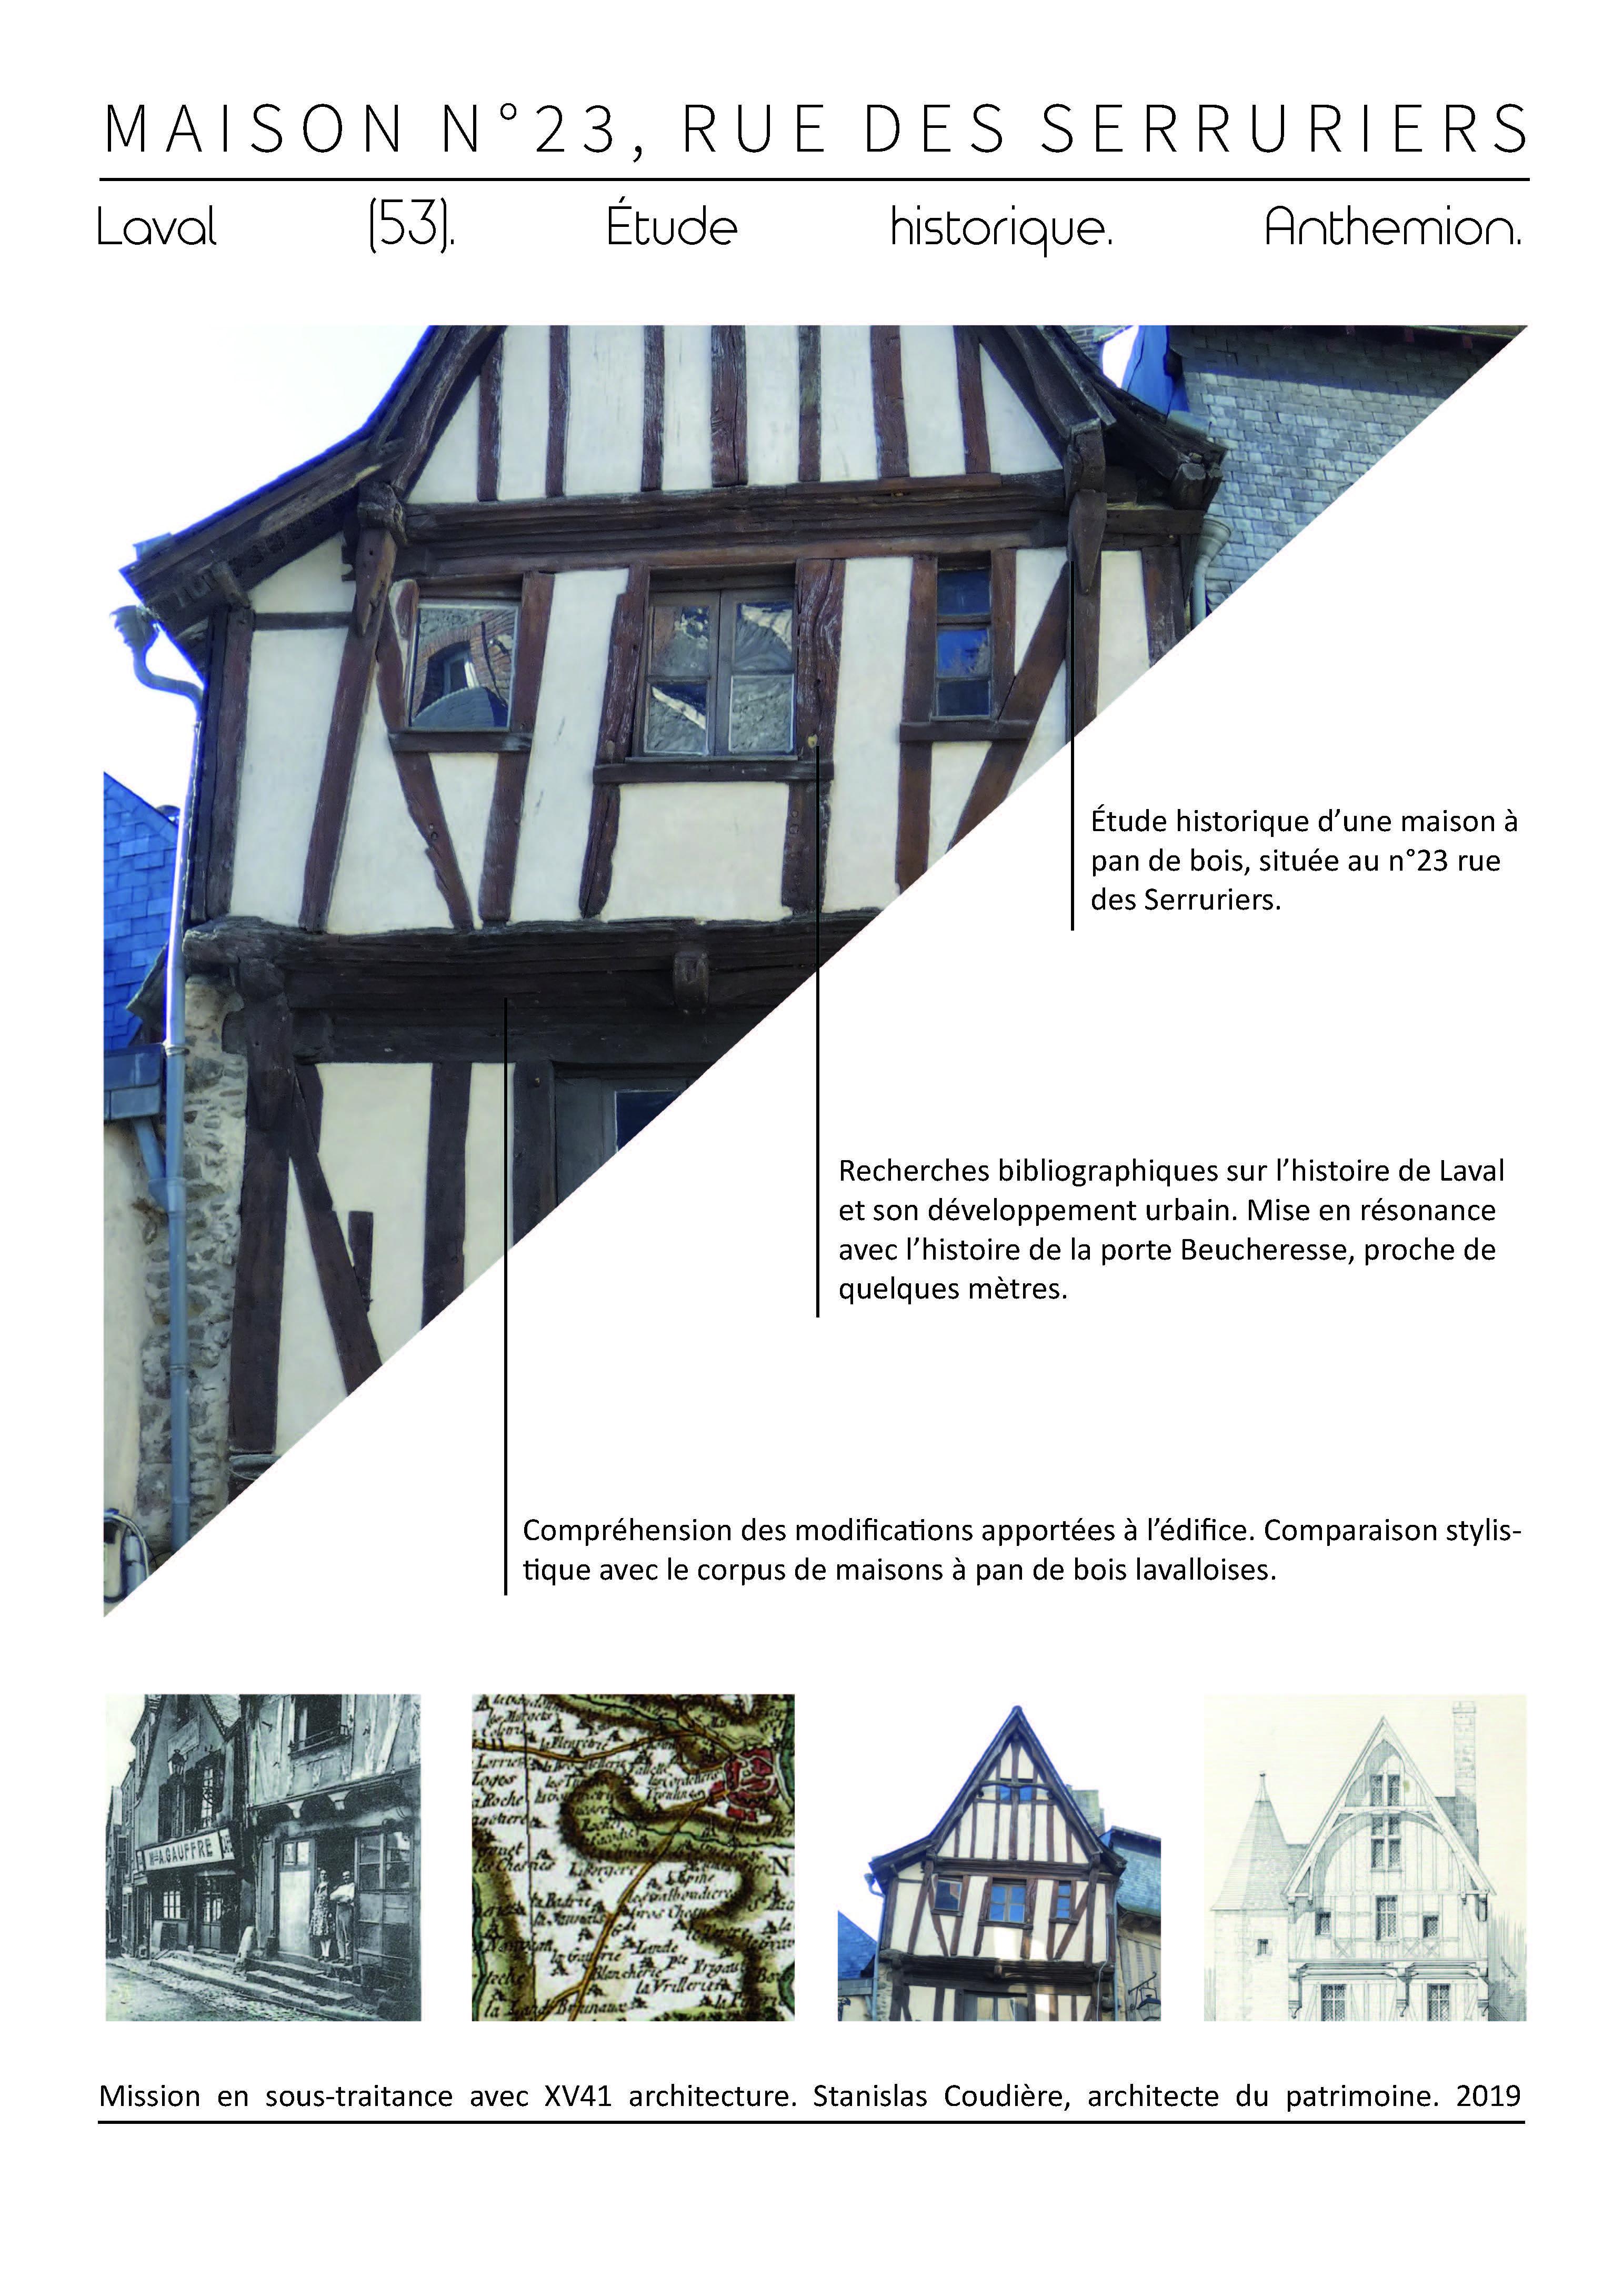 etude historique histoire patrimoine pan de bois laval architecture assistance monument